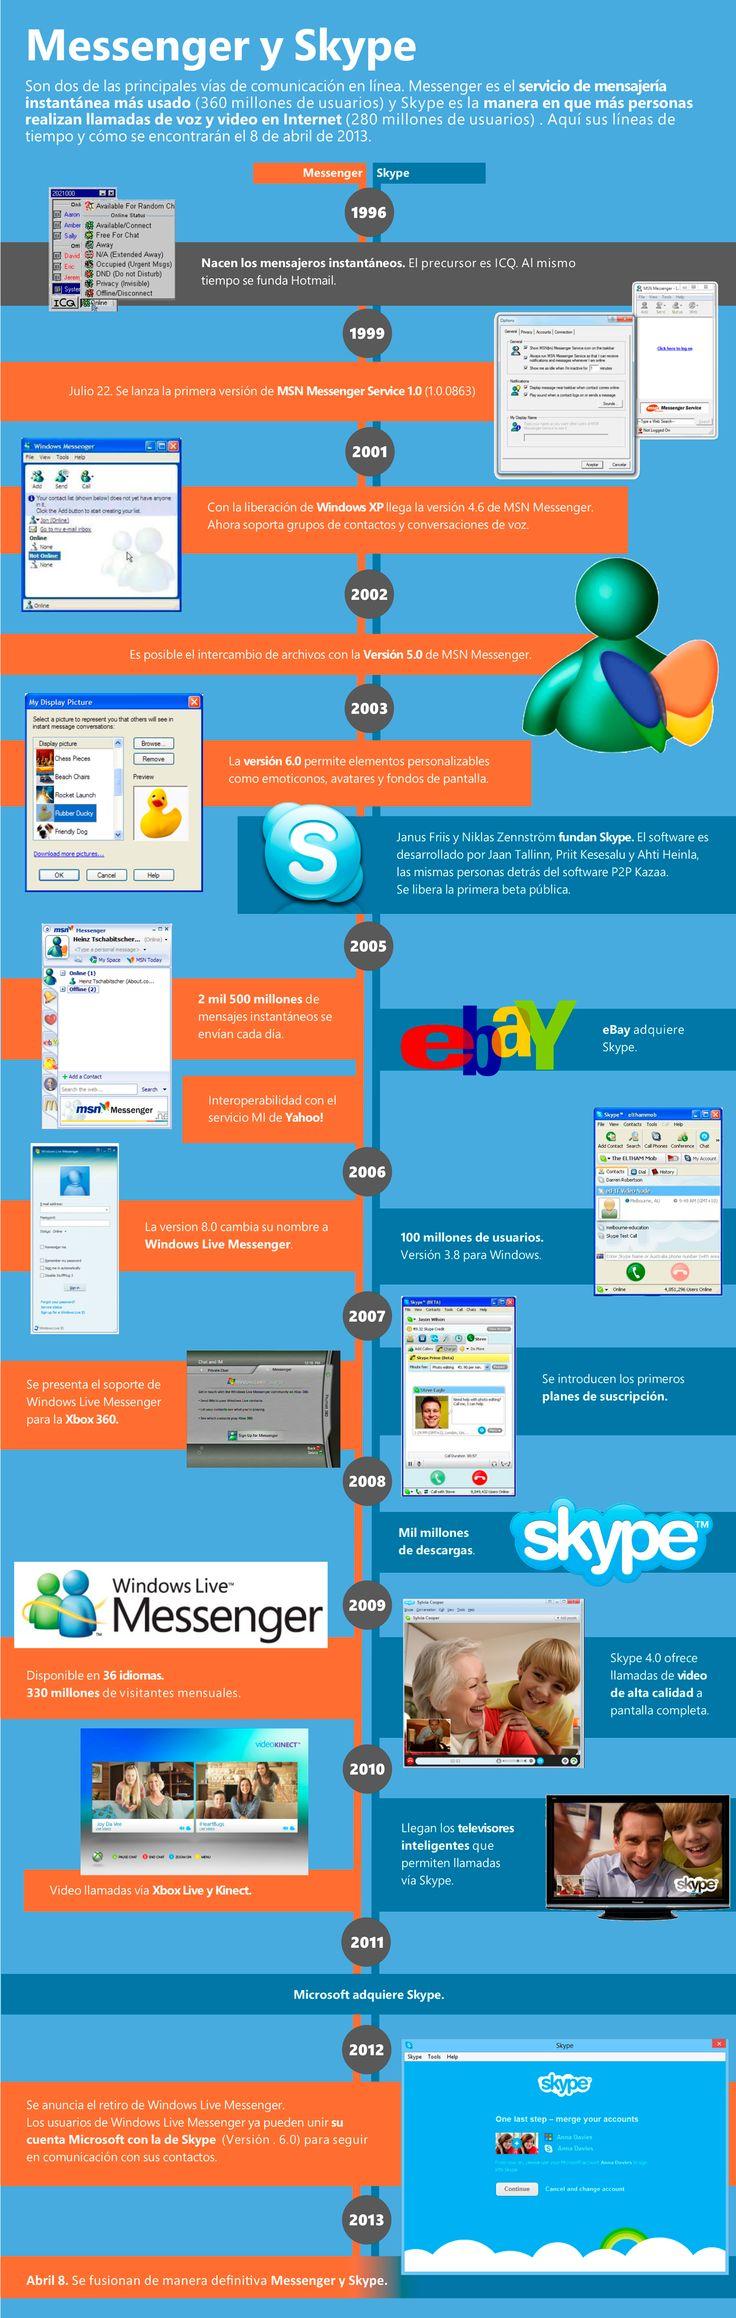 Timeline de Messenger y Skype y de su fusión [infografia]